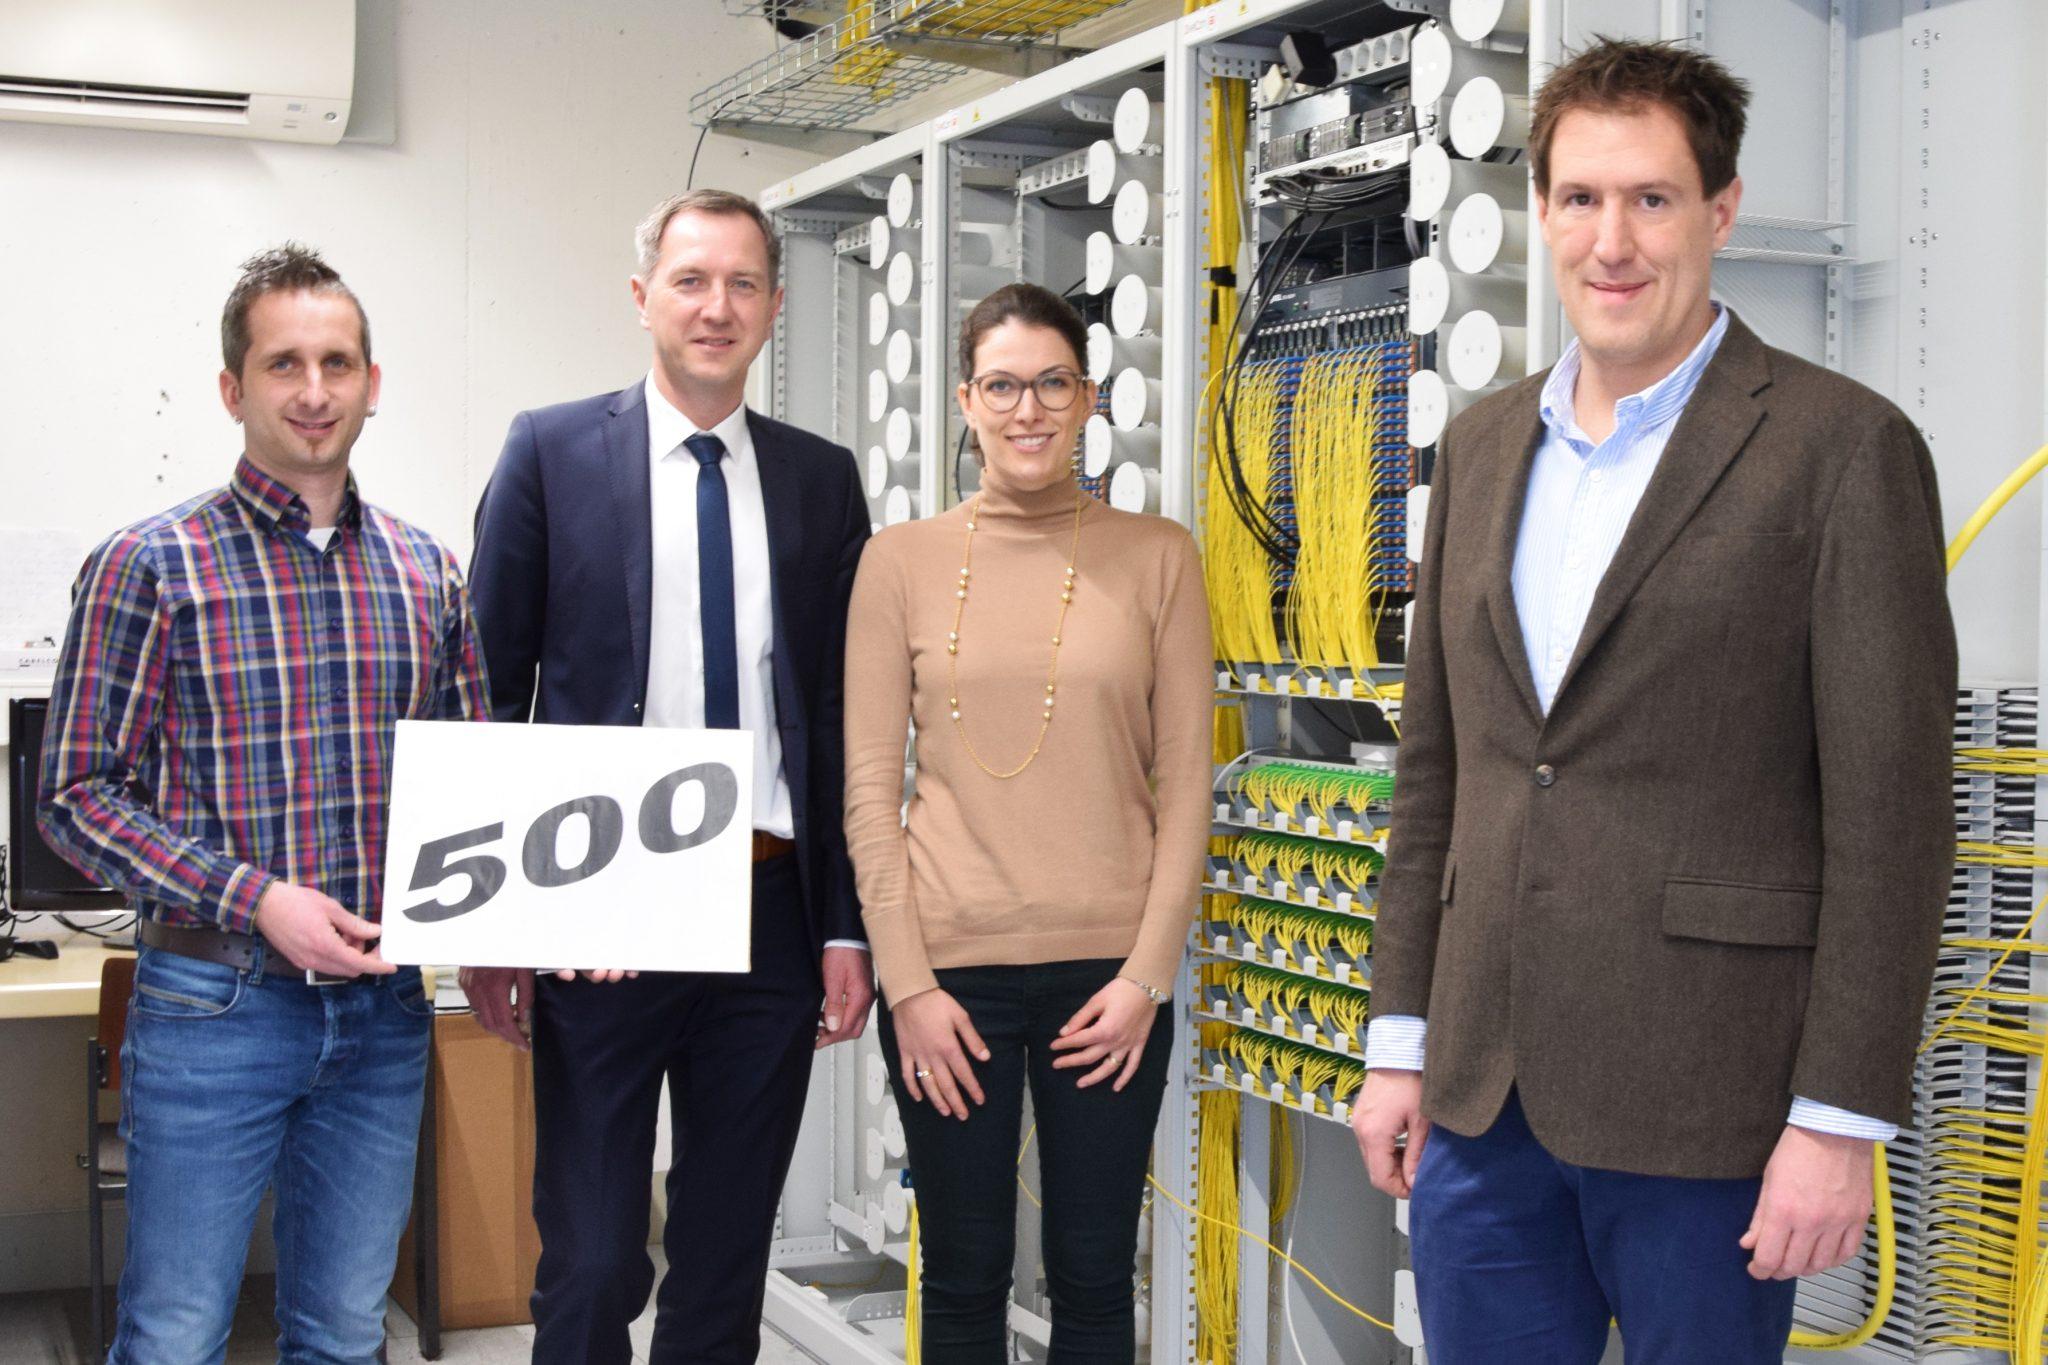 Über 500 Kunden werden von Stiegeler IT mittlerweile in Brigachtal über das Glasfasernetz versorgt.